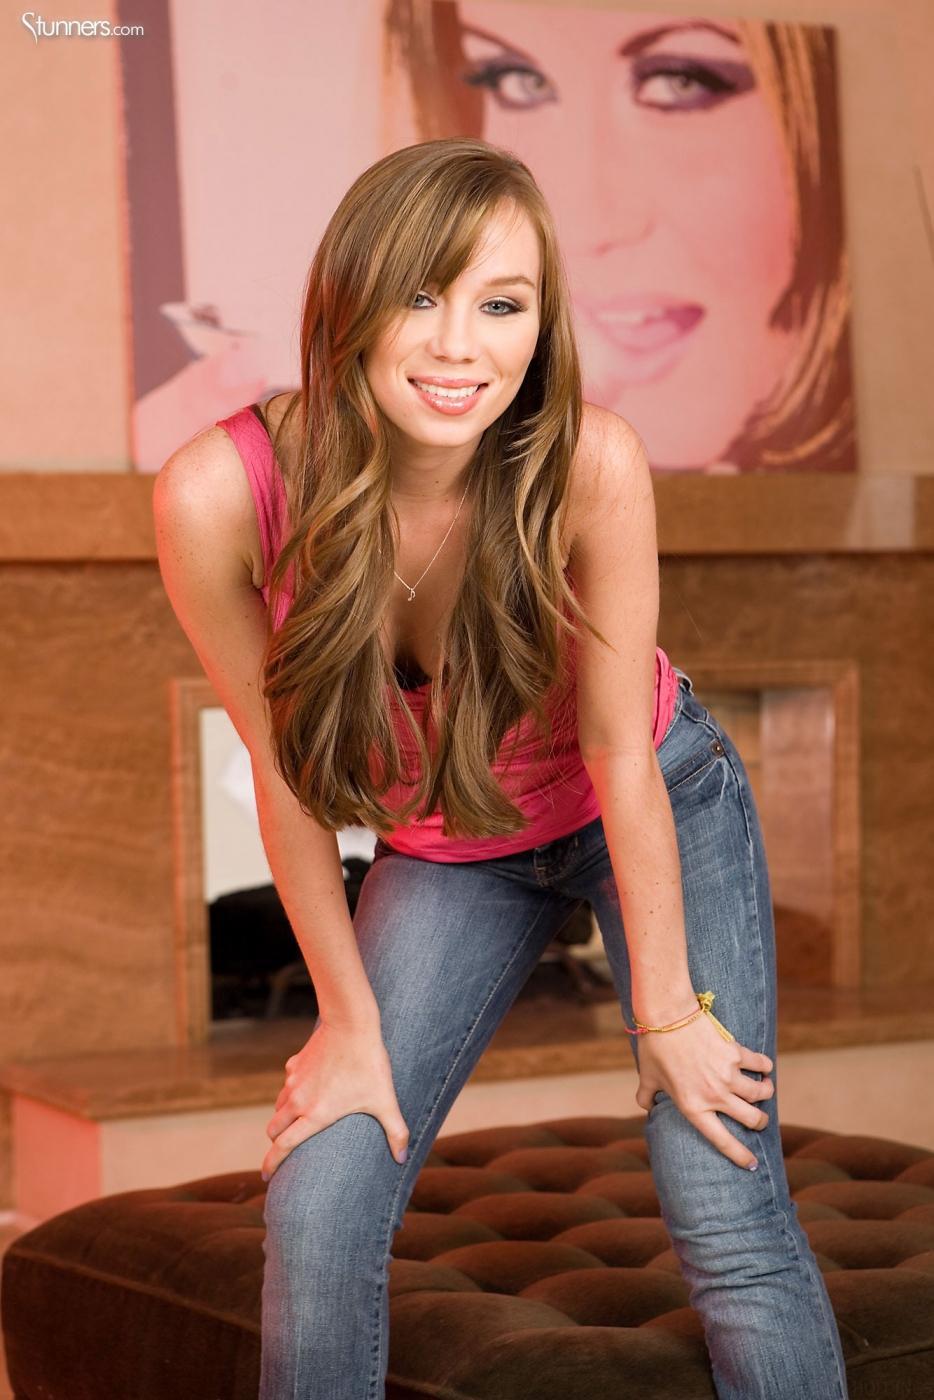 Сладкая малышка с бритой киской Capri Anderson снимает джинсы и трусики